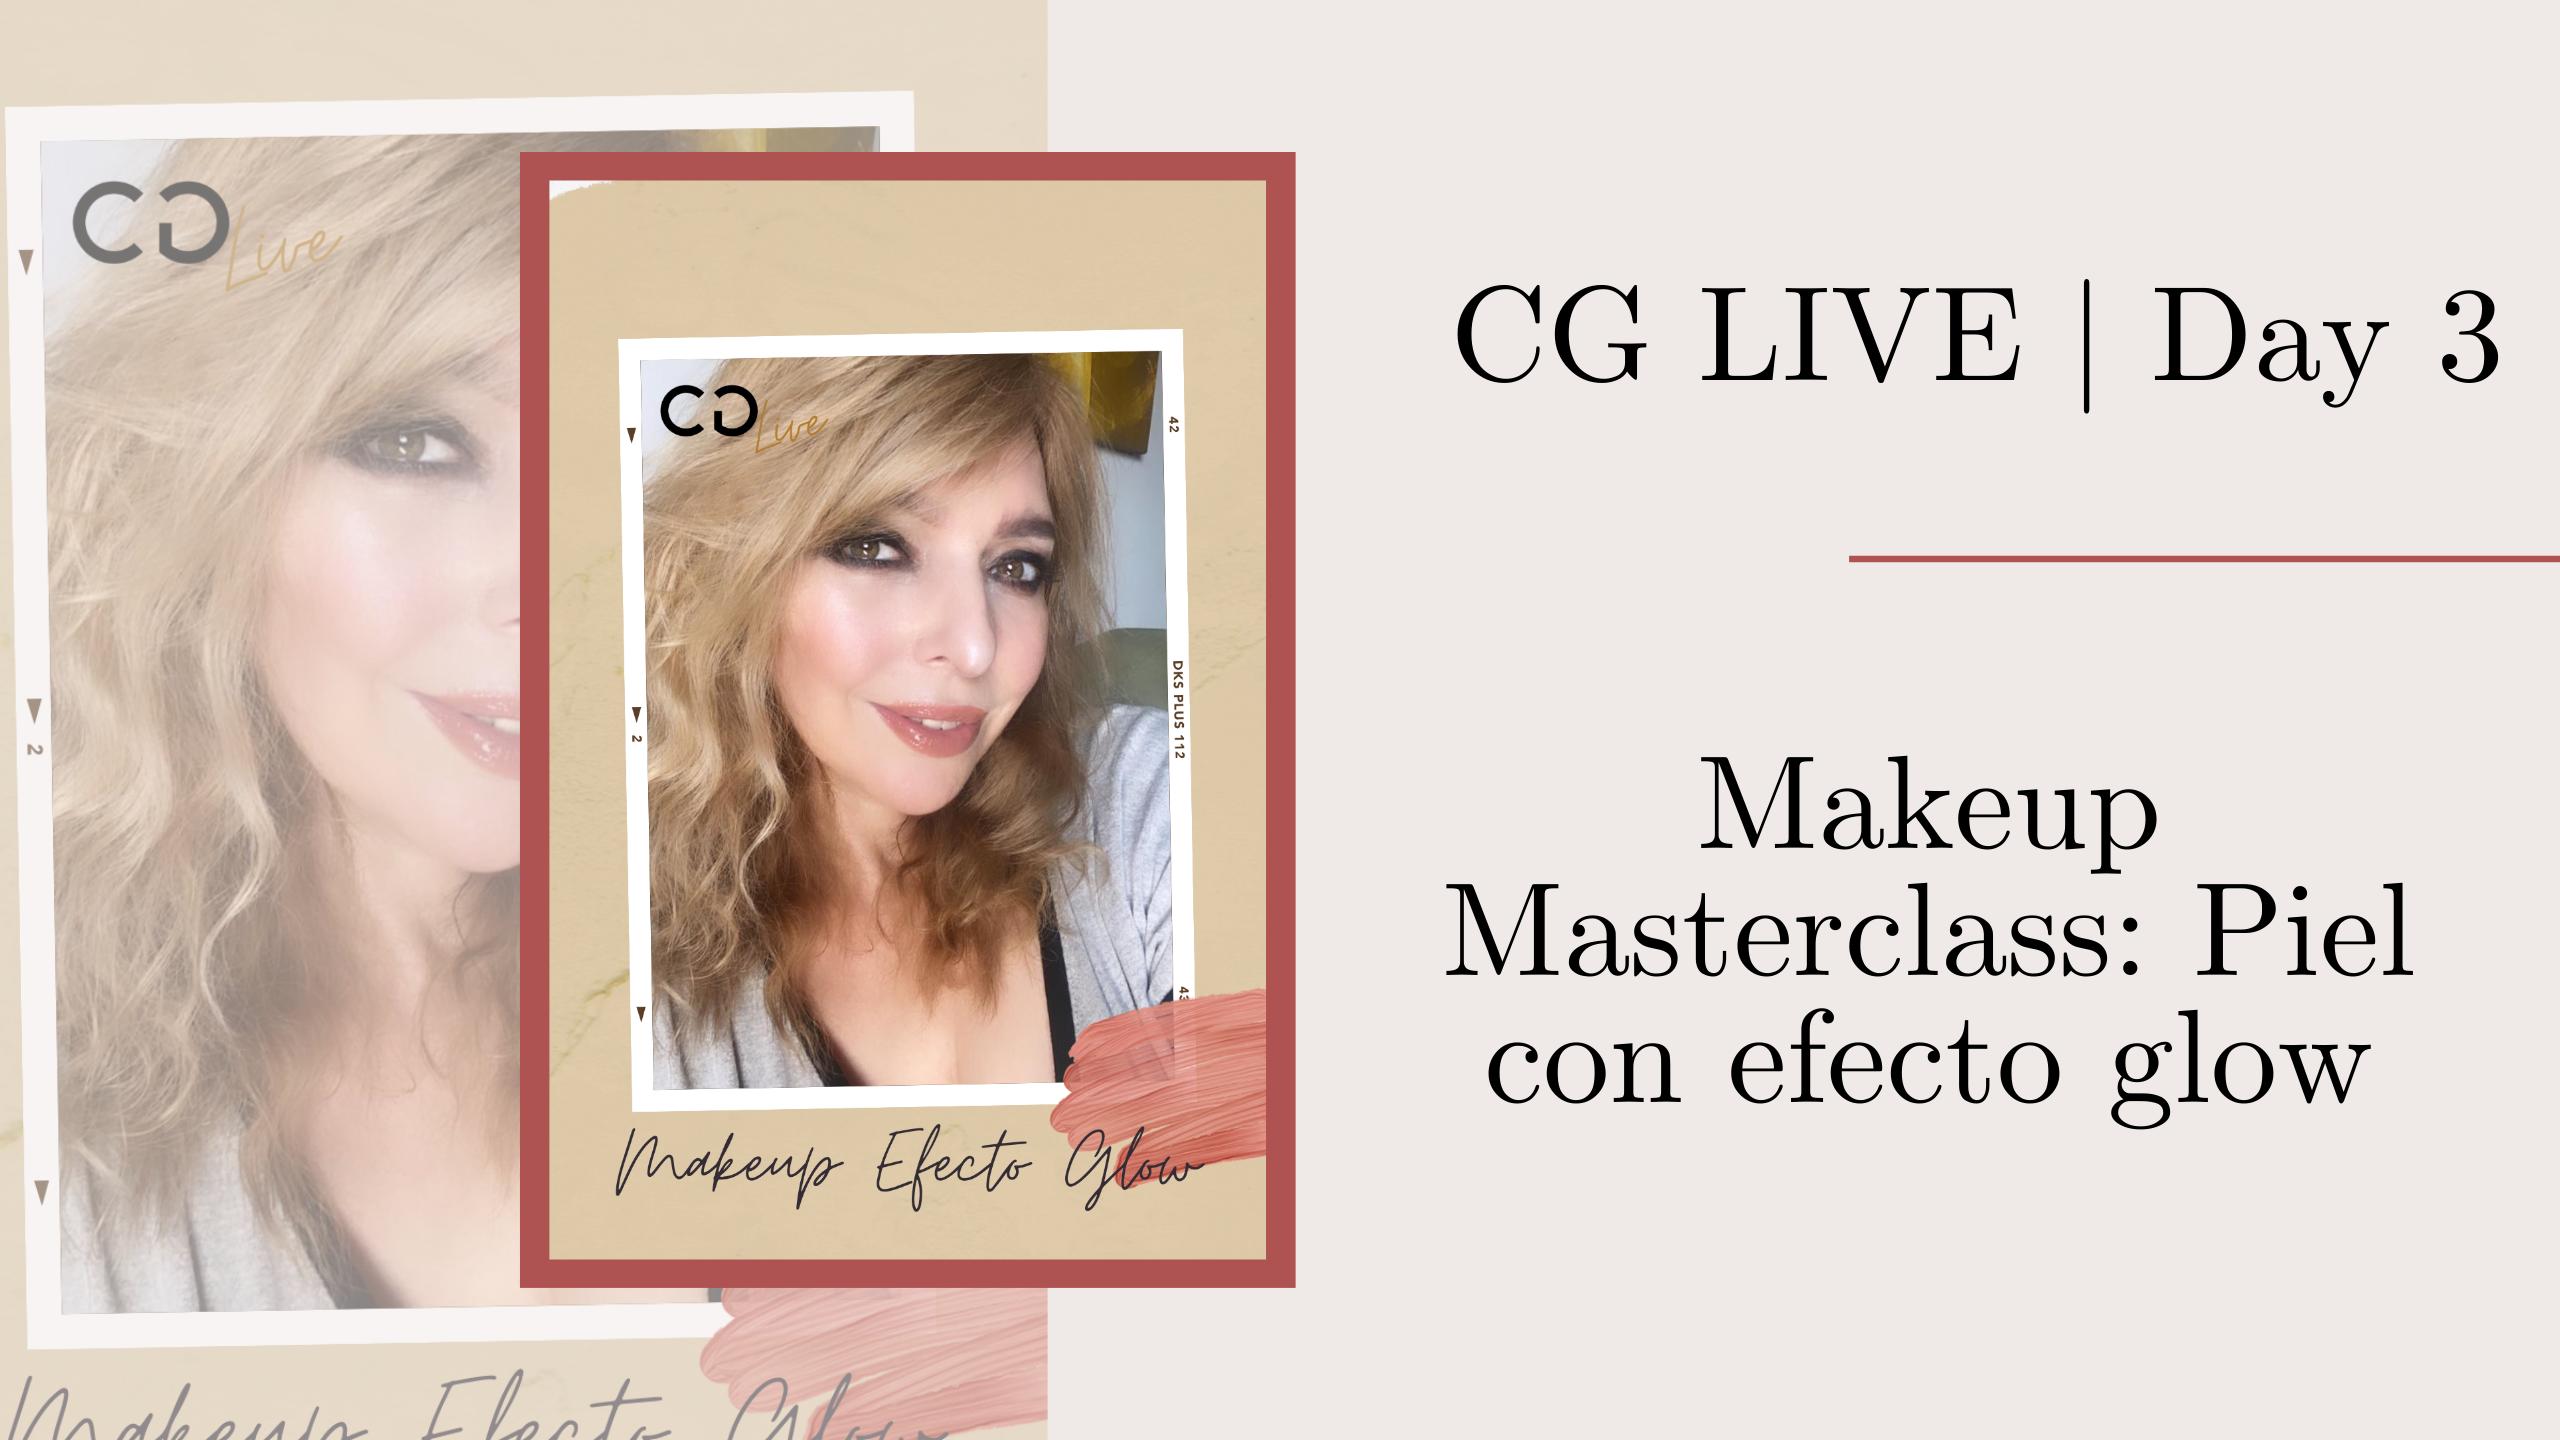 CG Live |Day 3: Makeup Masterclass, Piel con efecto glow